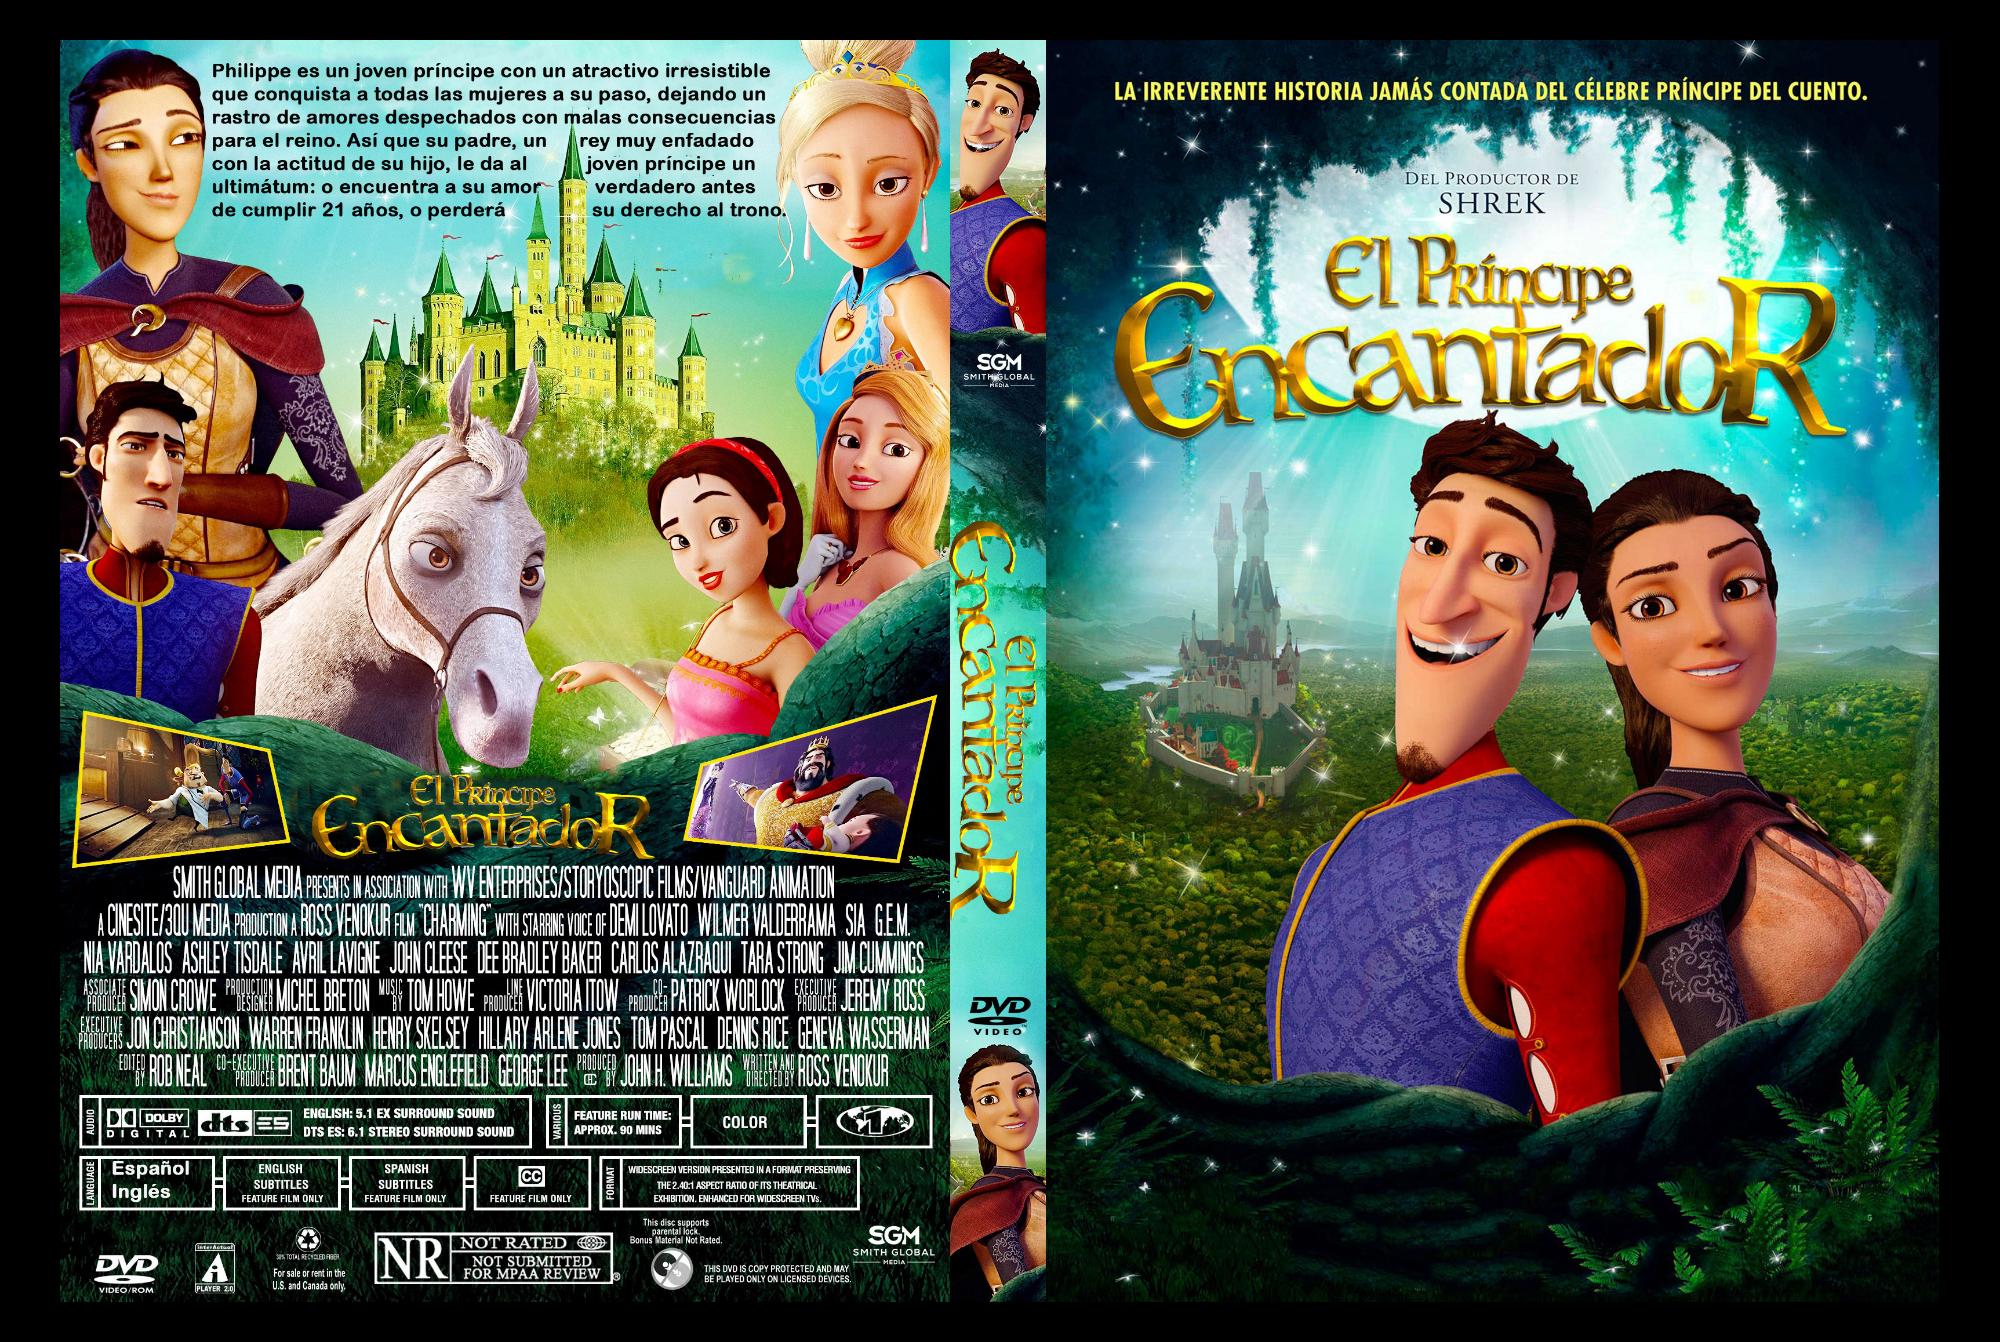 853734bb2ac Productora  3QU Media   Cinesite Género  Animación. Comedia. Fantástico.  Infantil Sinopsis  Philippe es un joven príncipe con un atractivo  irresistible que ...